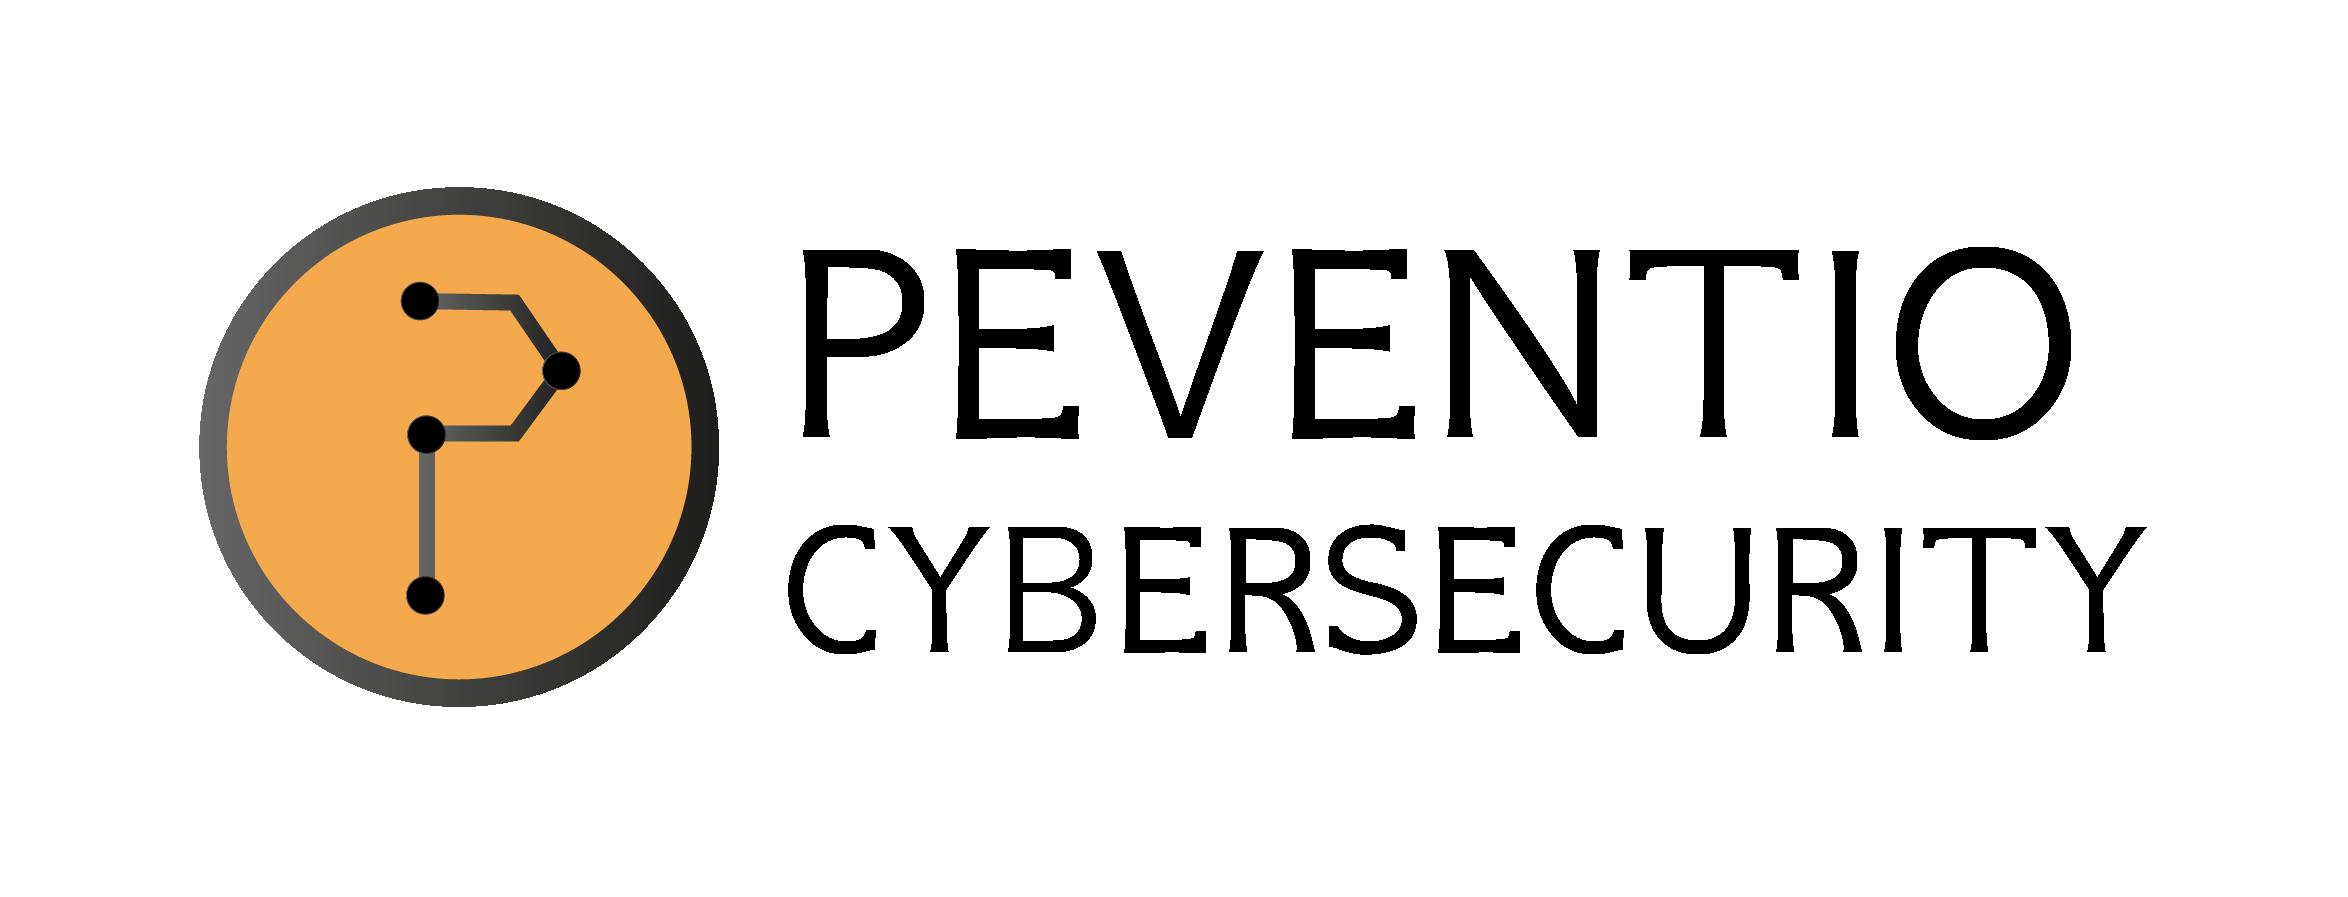 Peventio.com